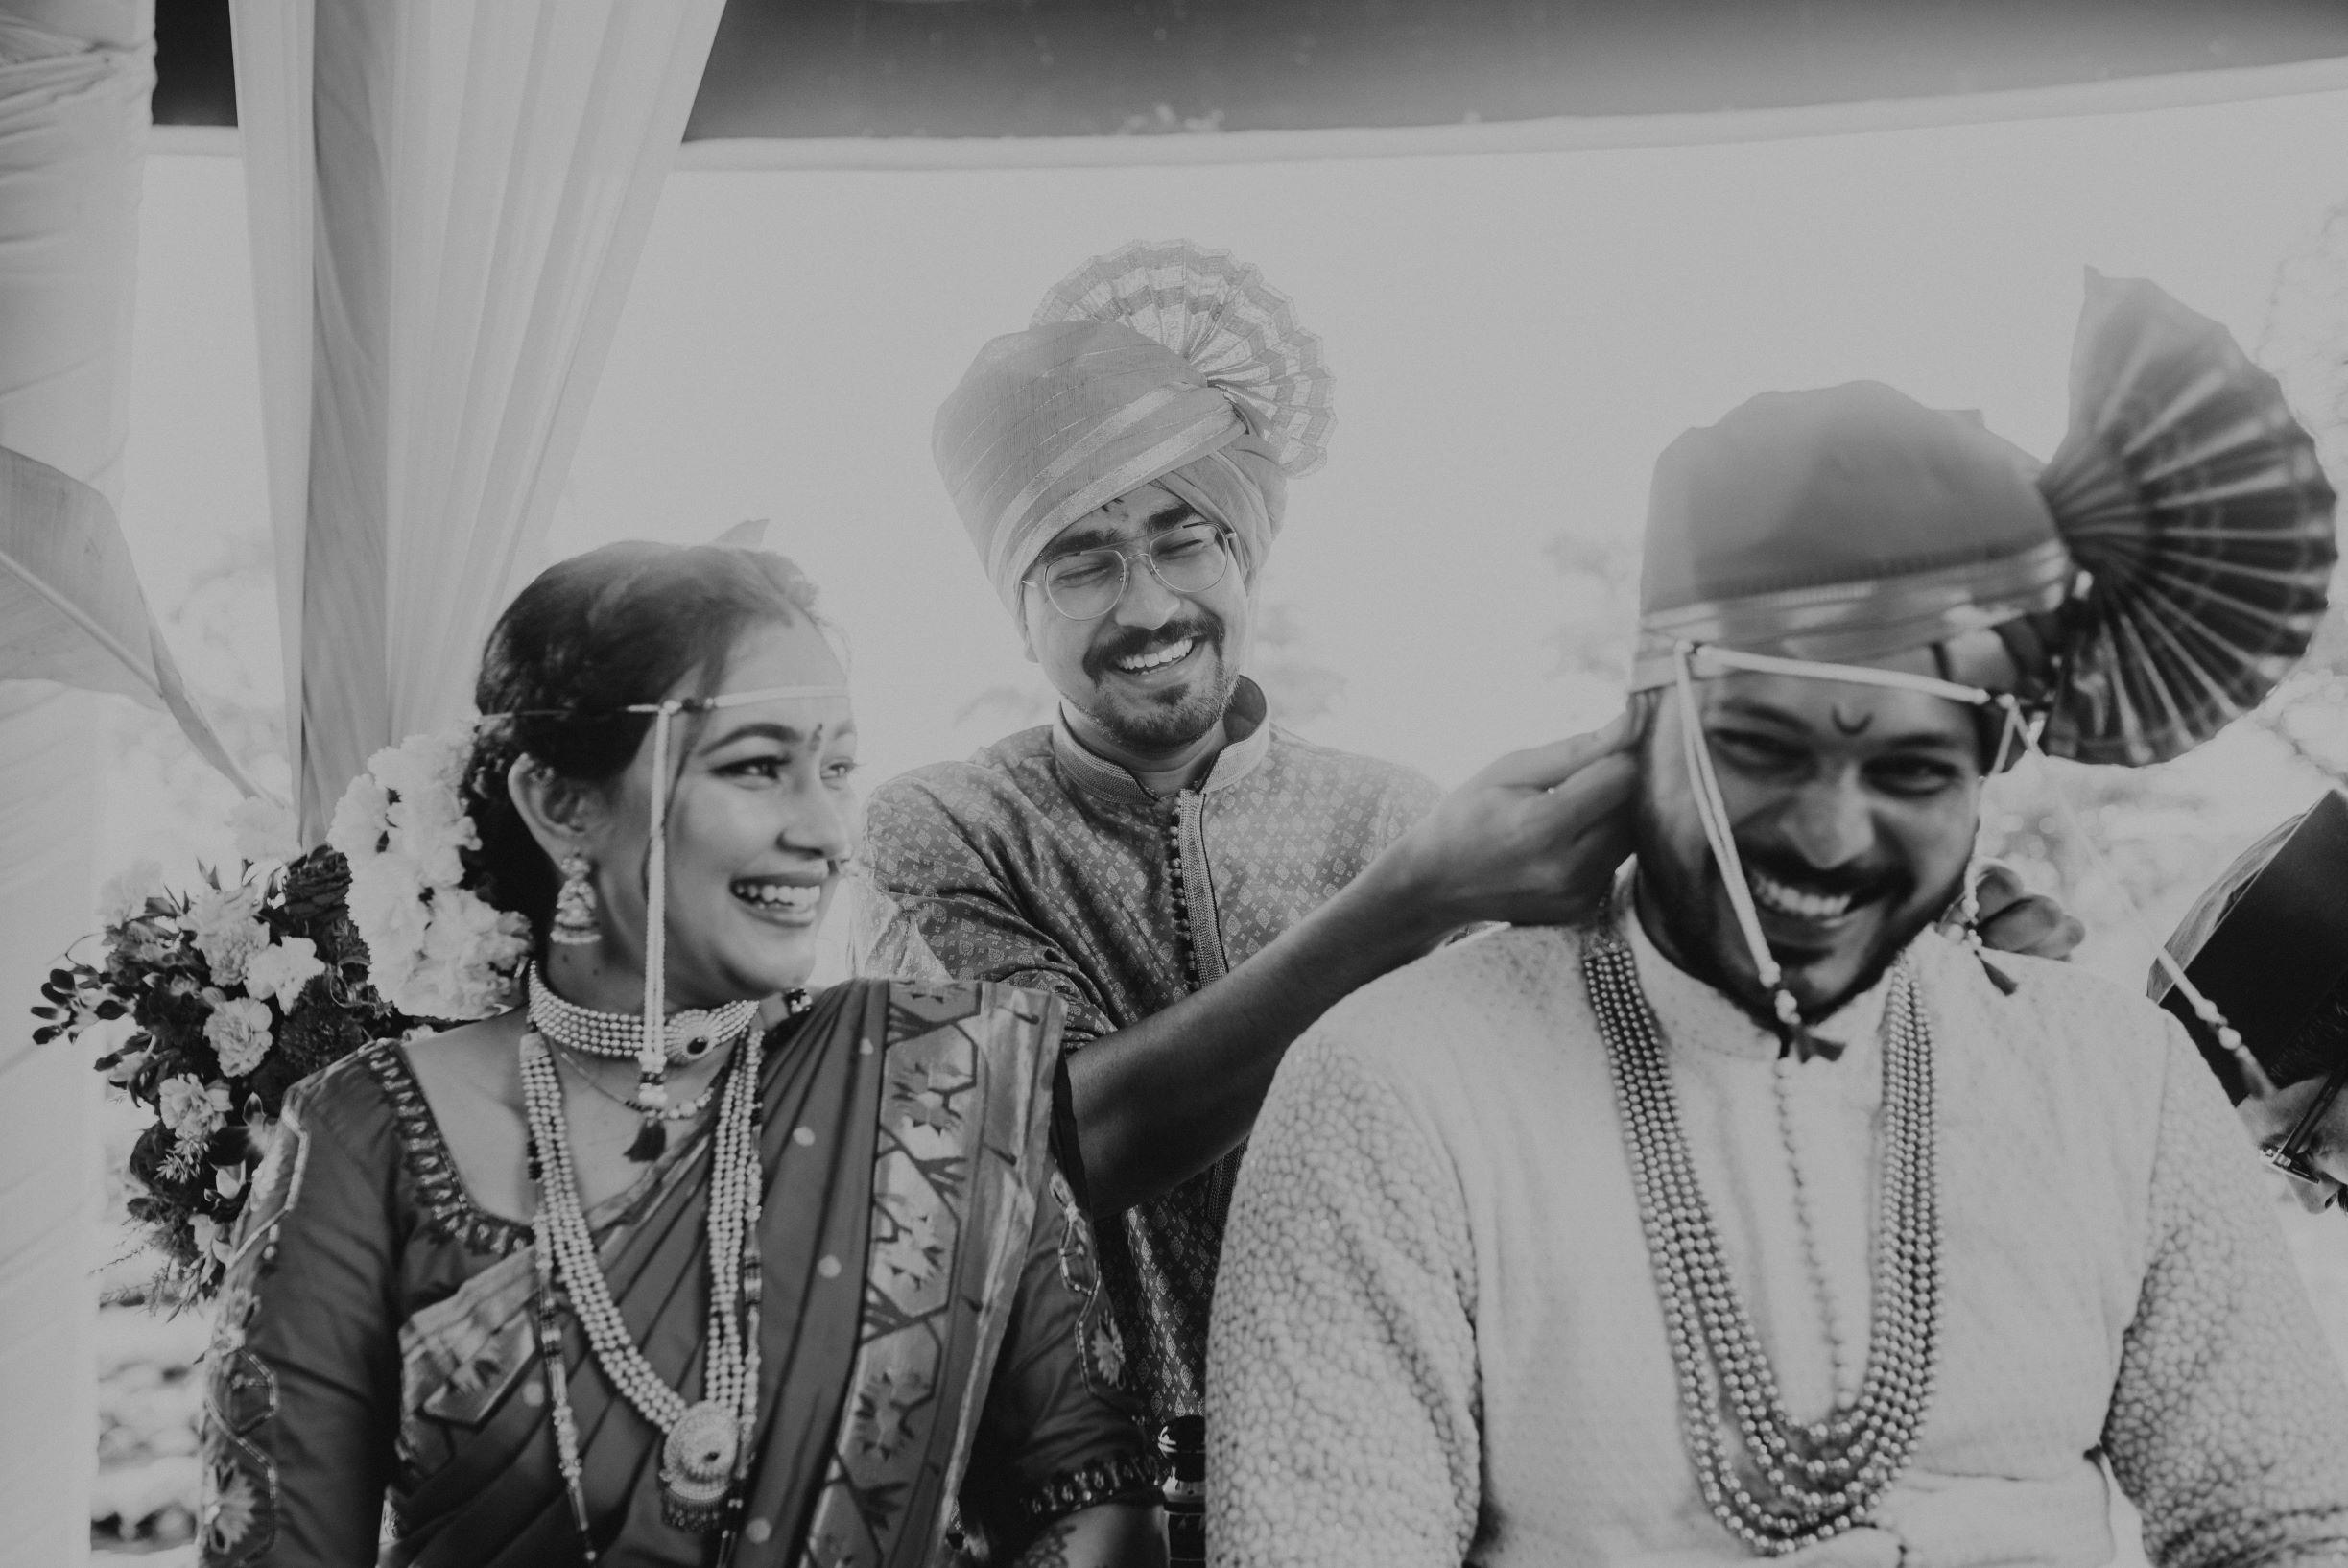 bnw shot of the maharashtrian couple